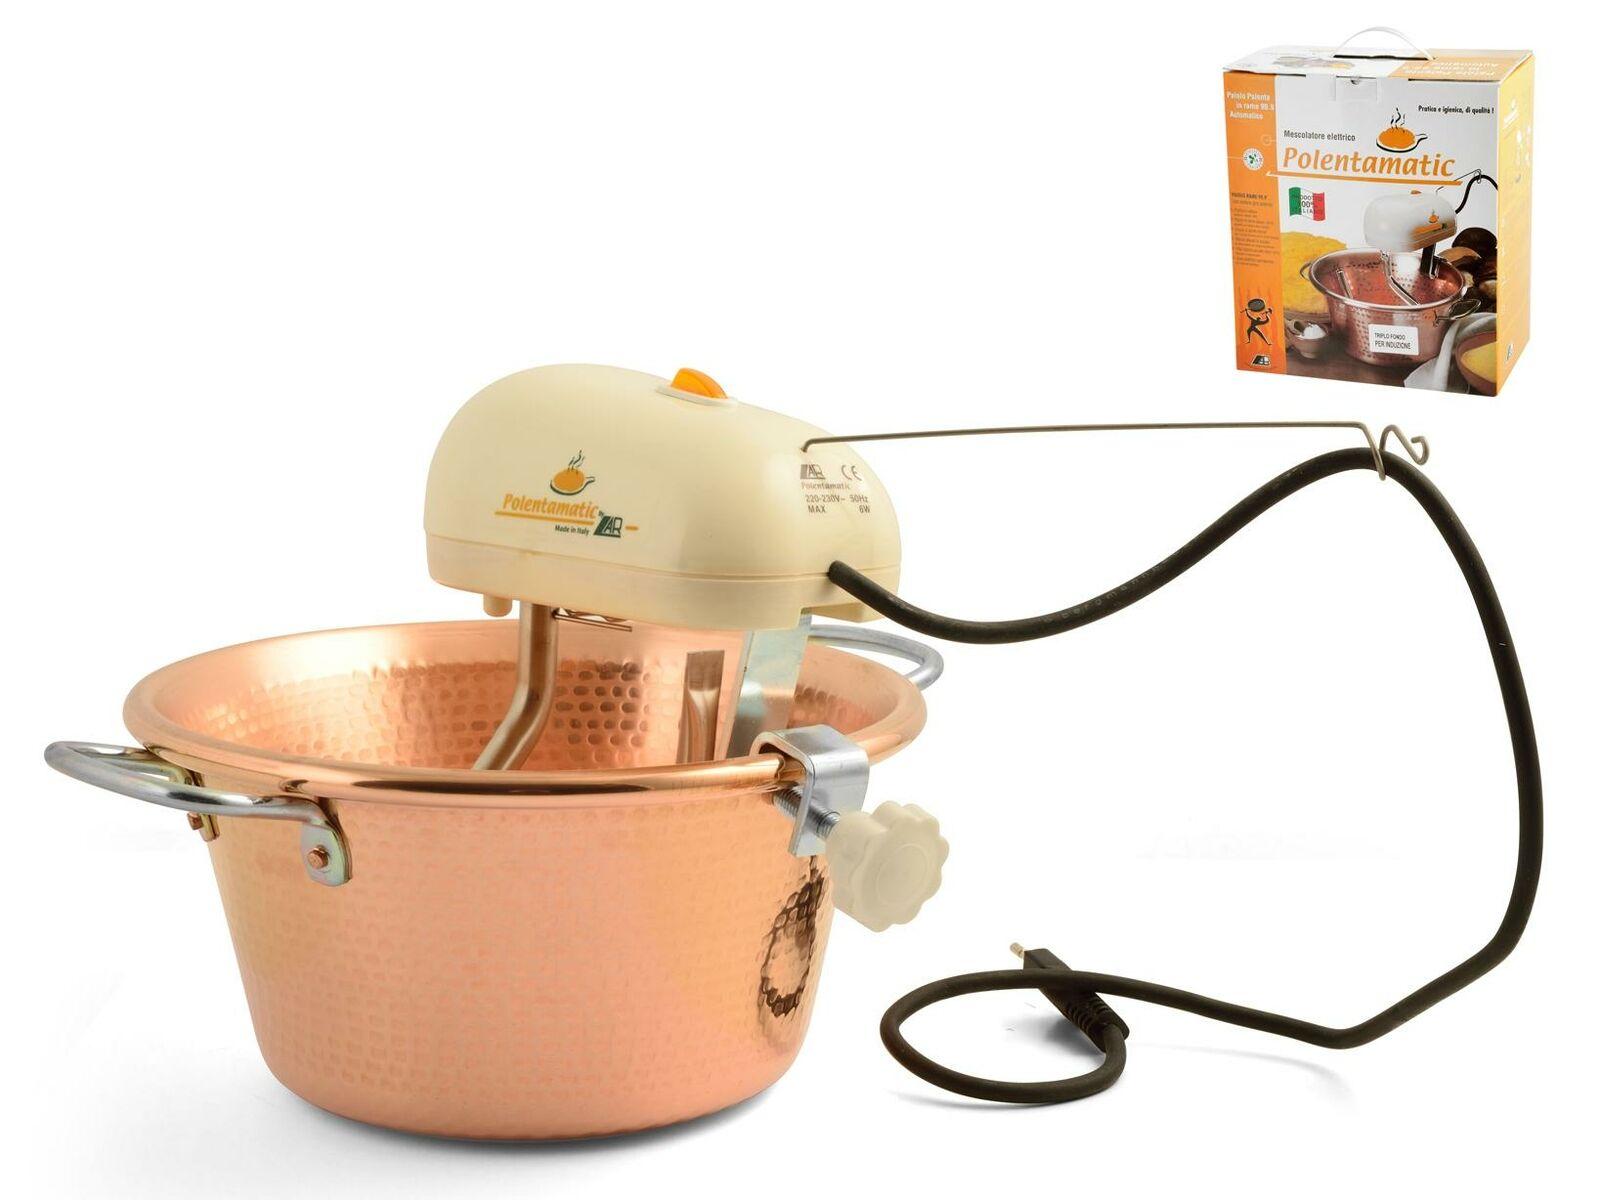 LAR Paiolo Elettrico Rame Fondo Induzione 26 cm Plastica e Acciaio Inox